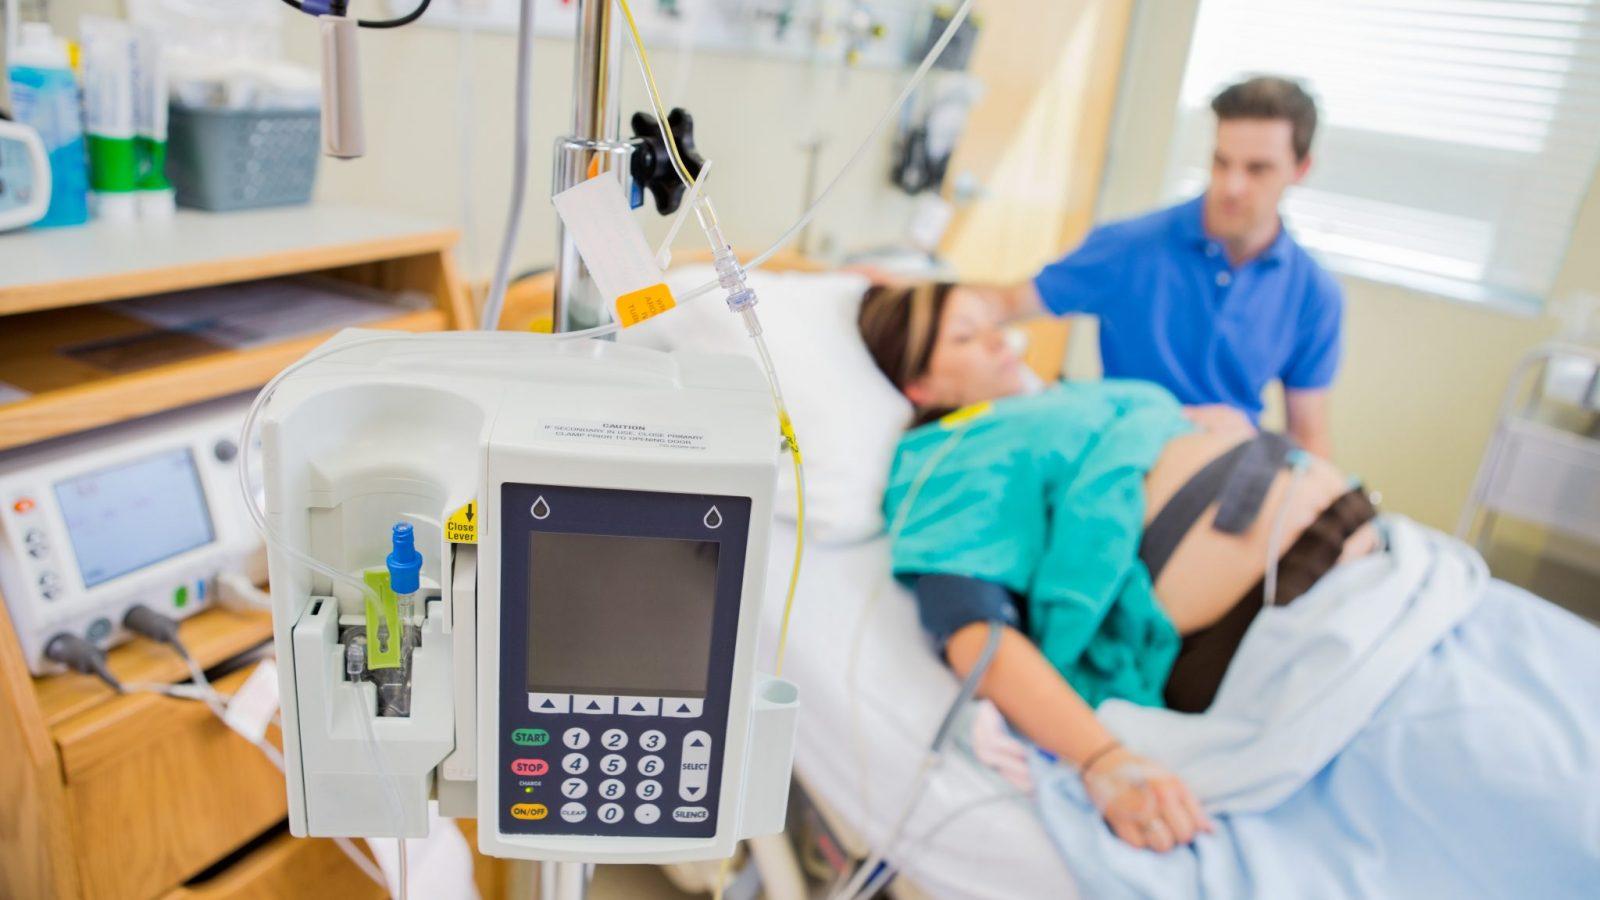 Pregnant woman at hospital epidural